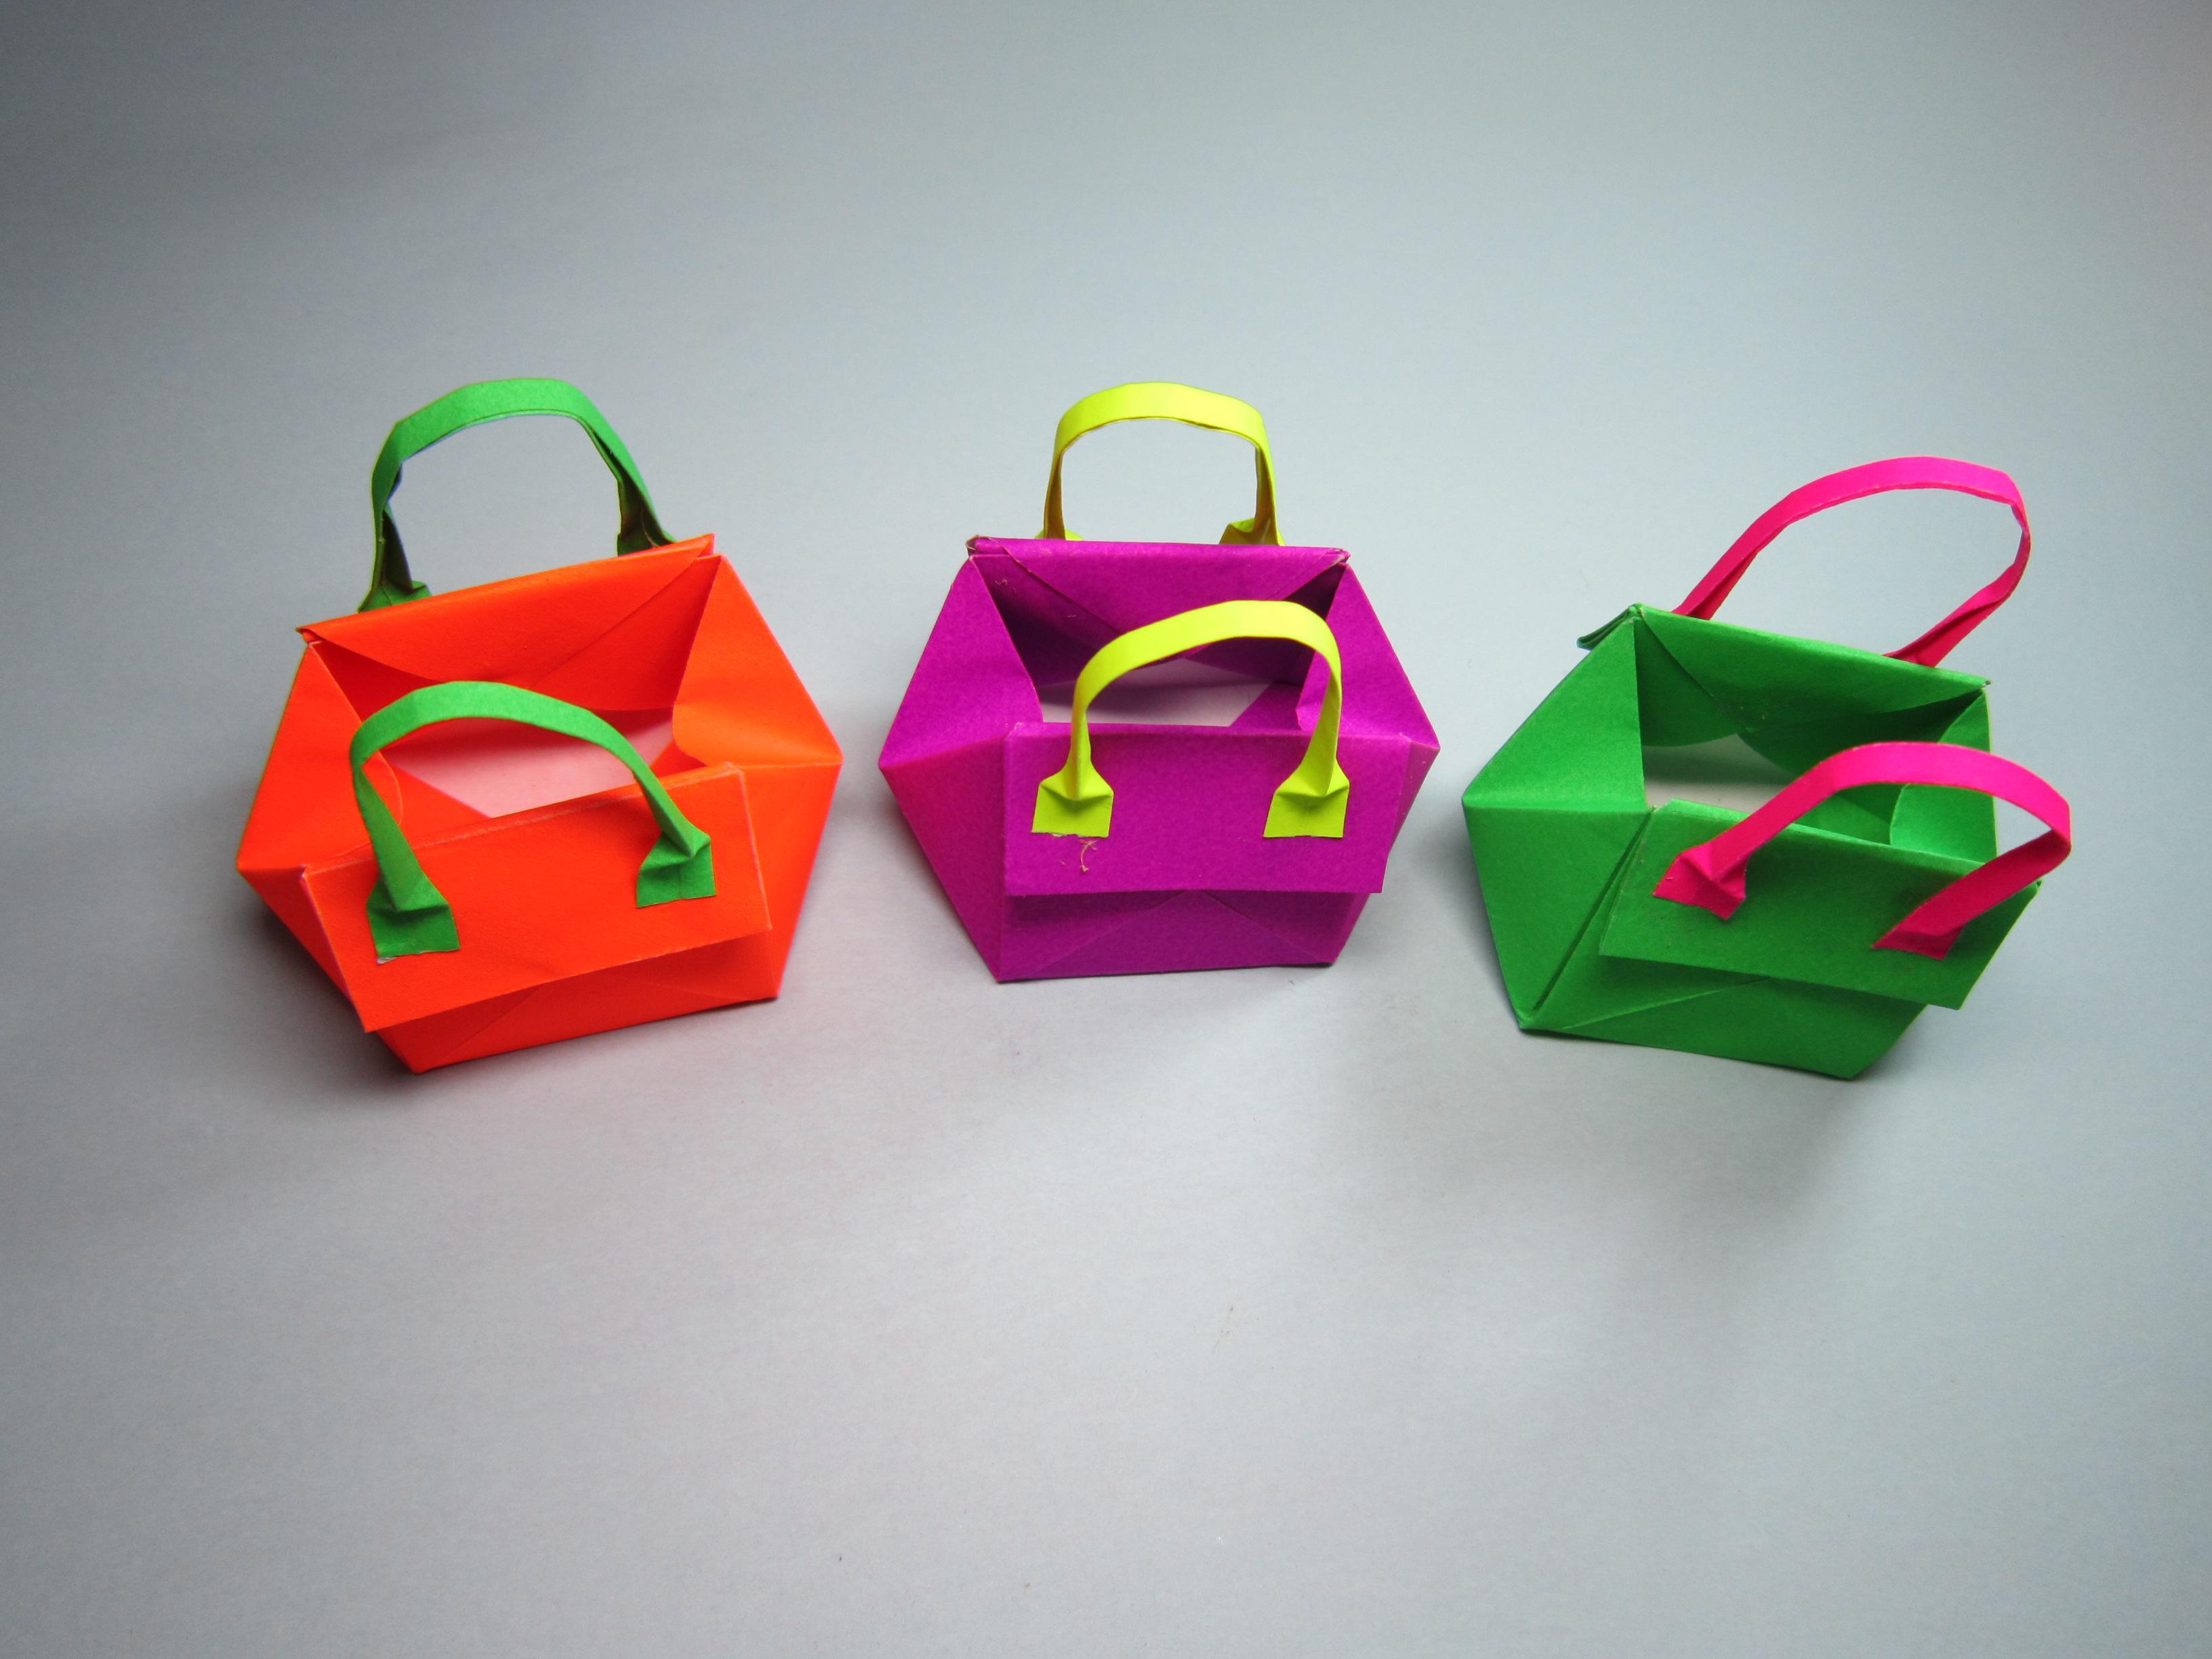 儿童手工折纸教程:简单又漂亮的时尚手提包包折法